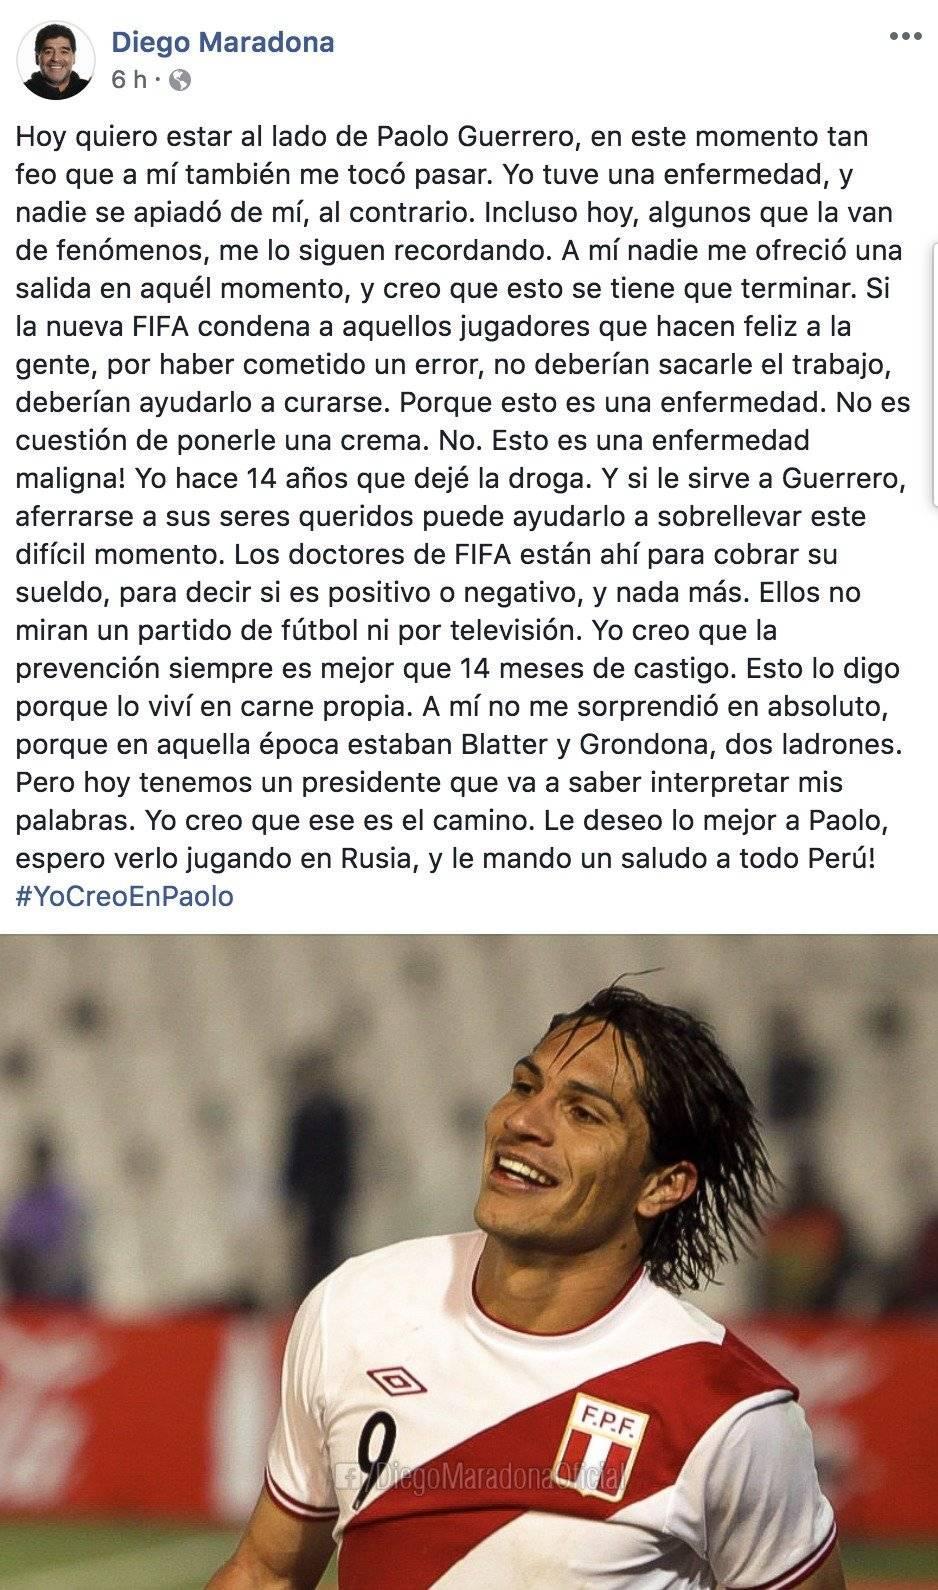 Mensaje de Maradona hacia Guerrero